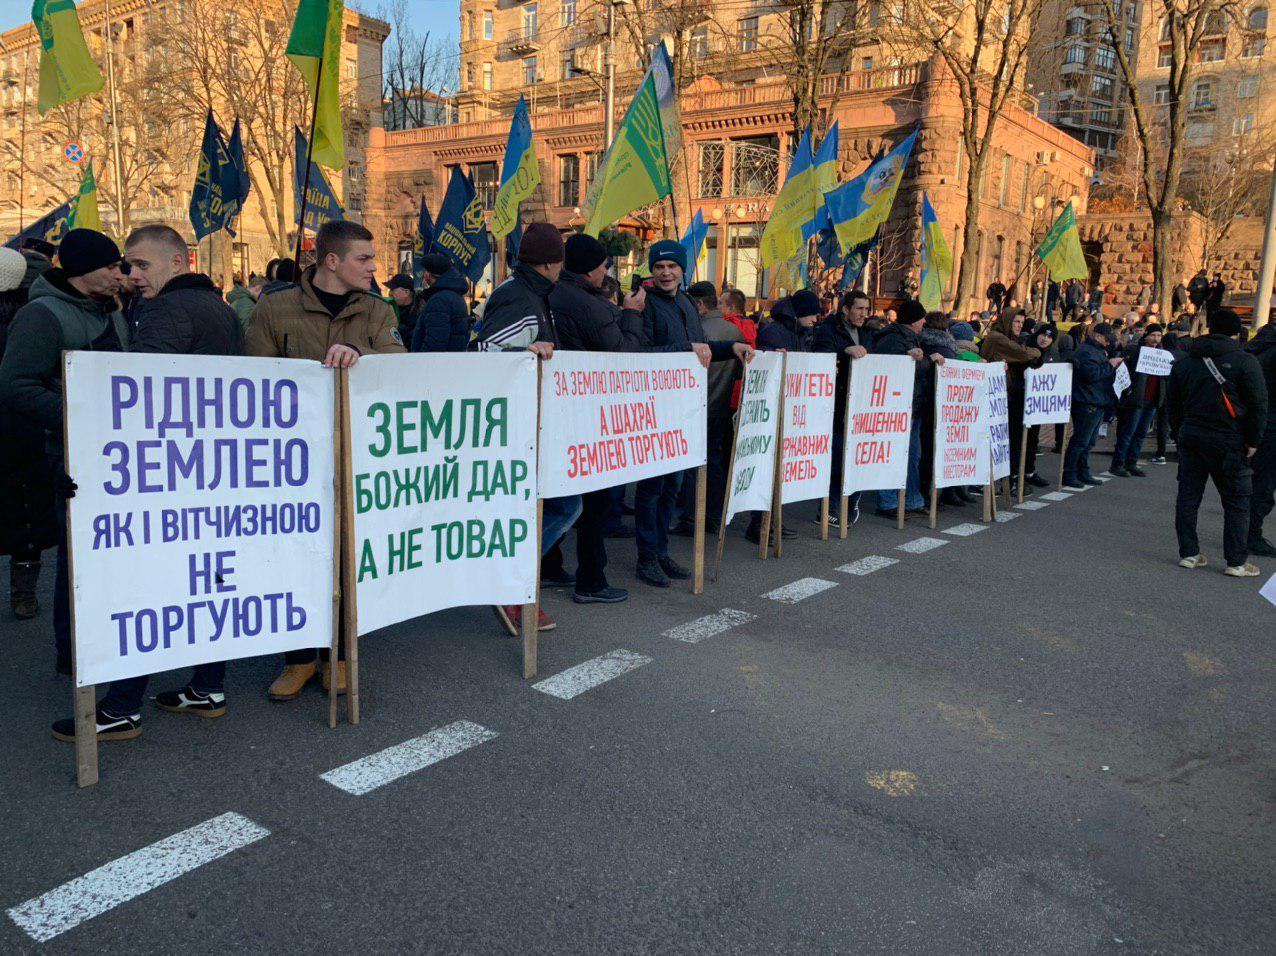 Противники рынка земли перекрыли Крещатик